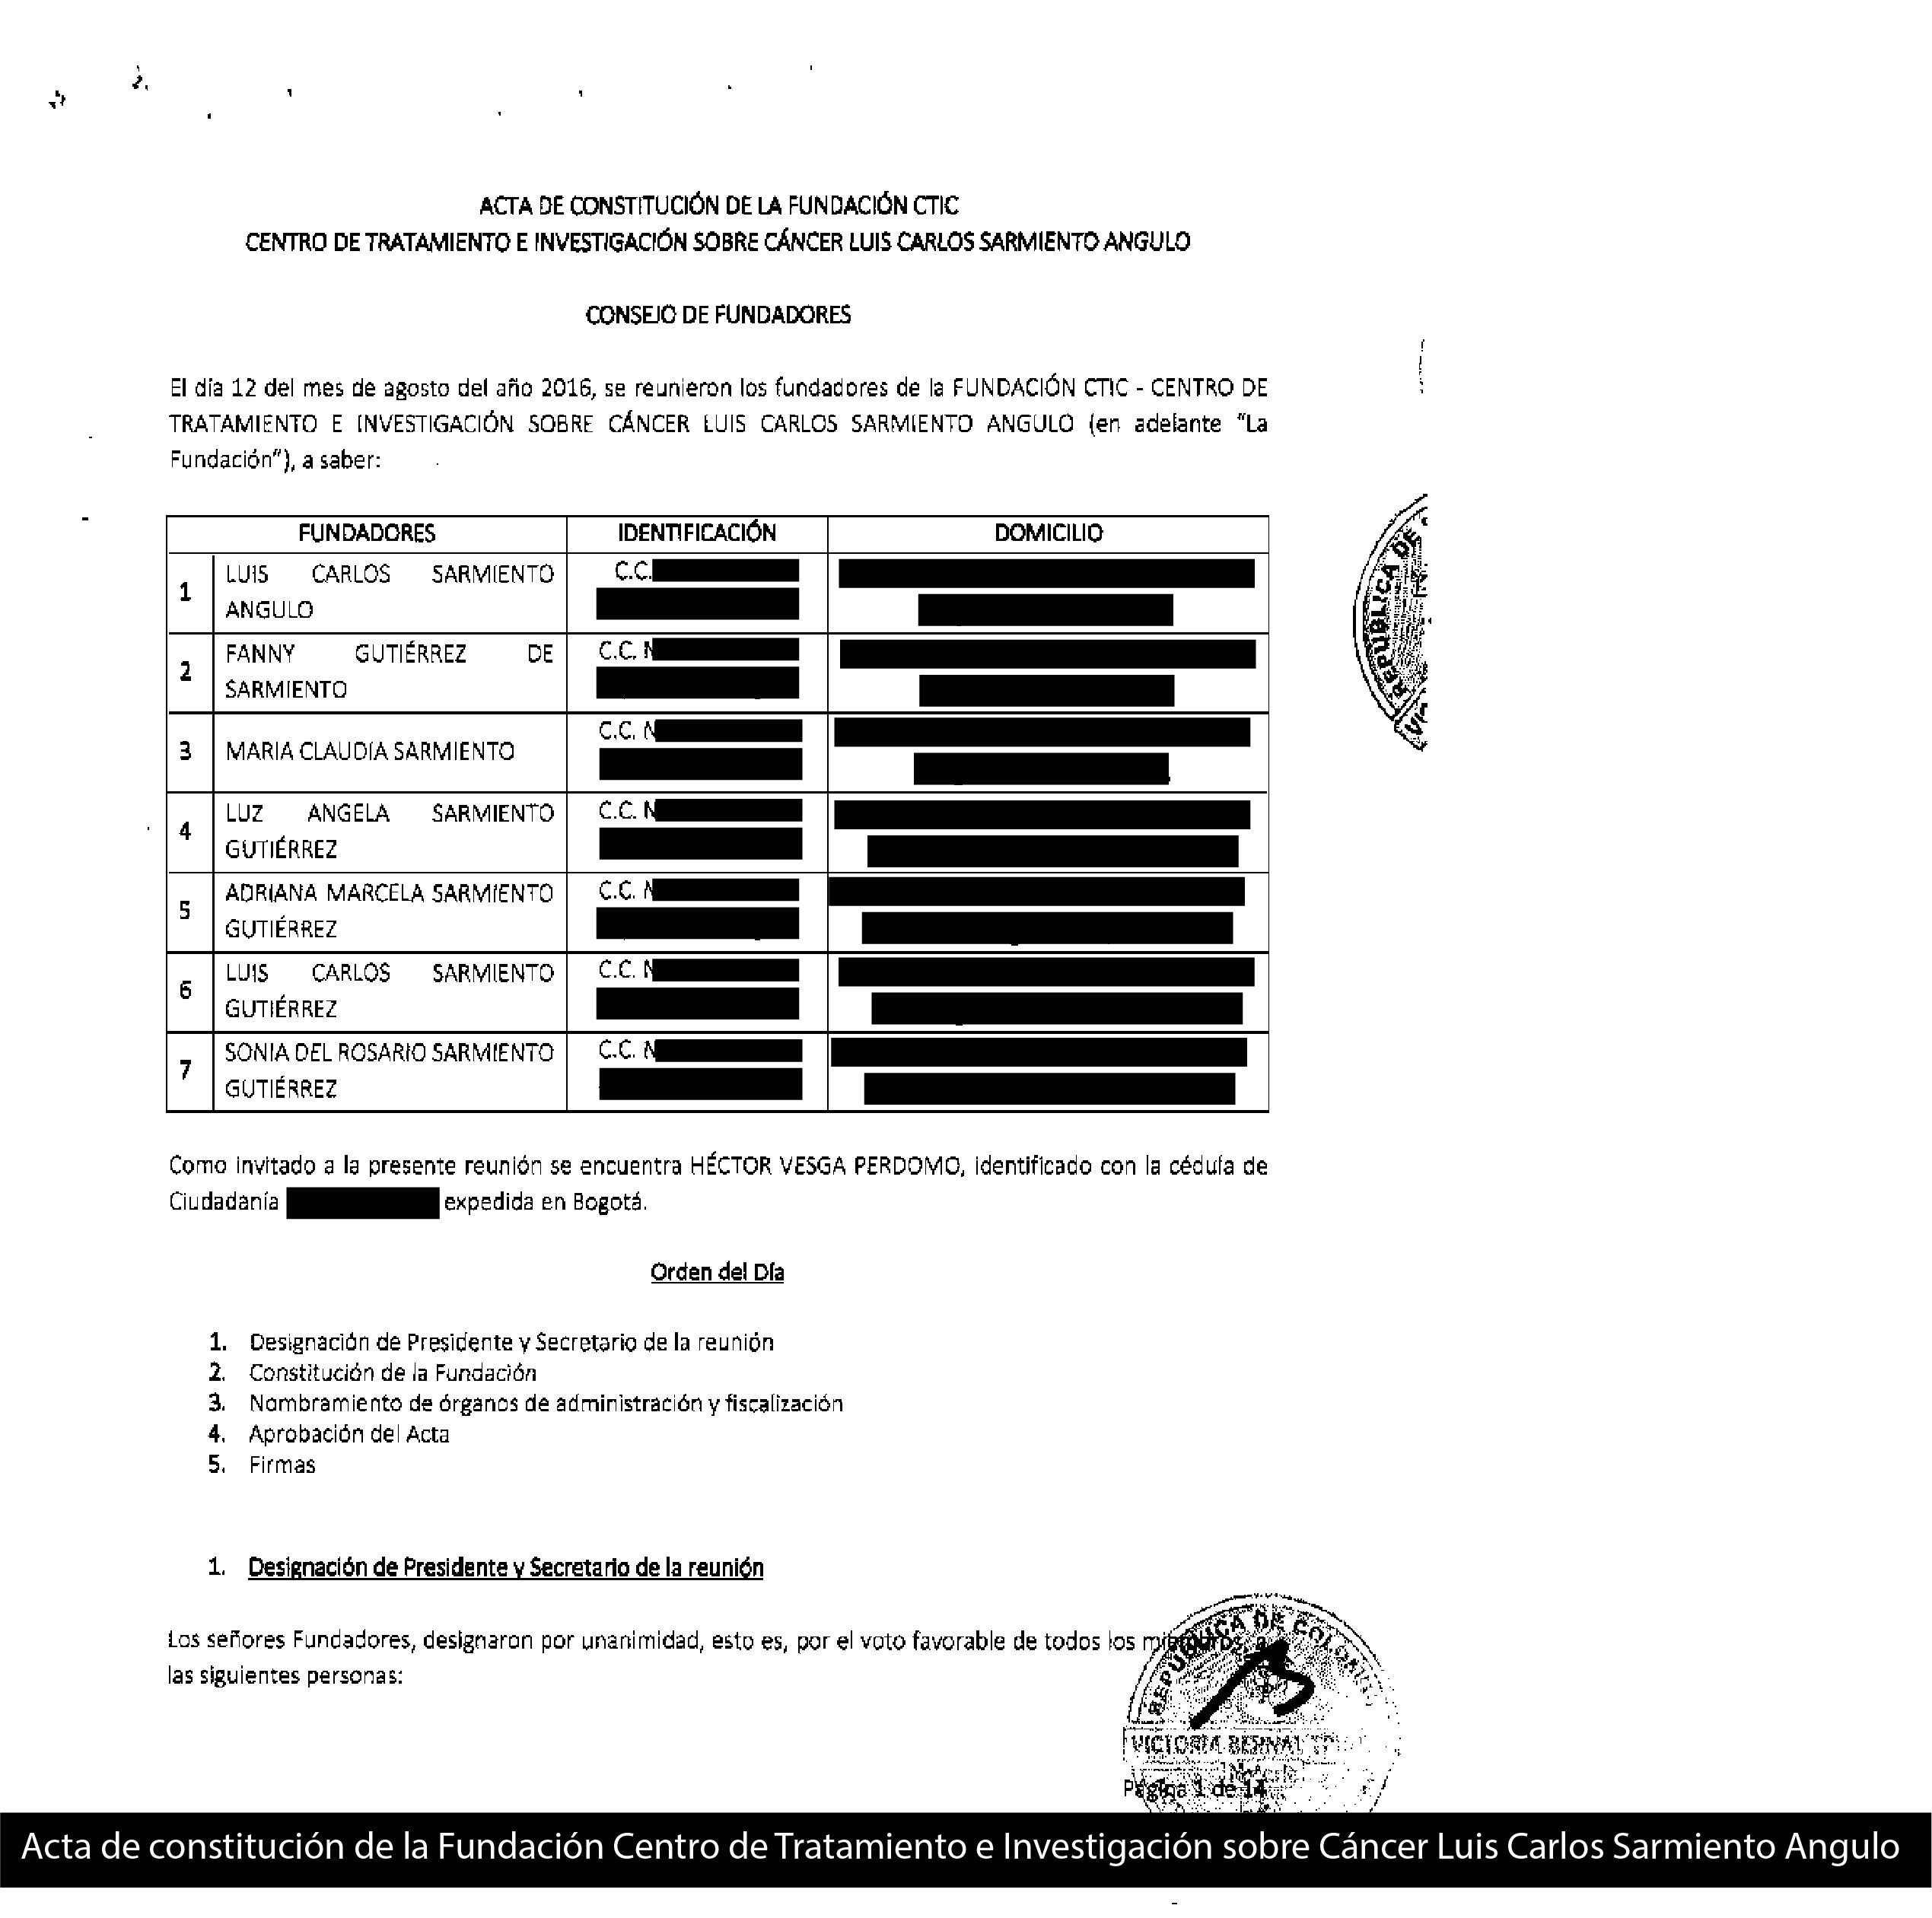 Acta de constitución de la Fundación Centro de Tratamiento e Investigación sobre Cáncer Luis Carlos Sarmiento Angulo